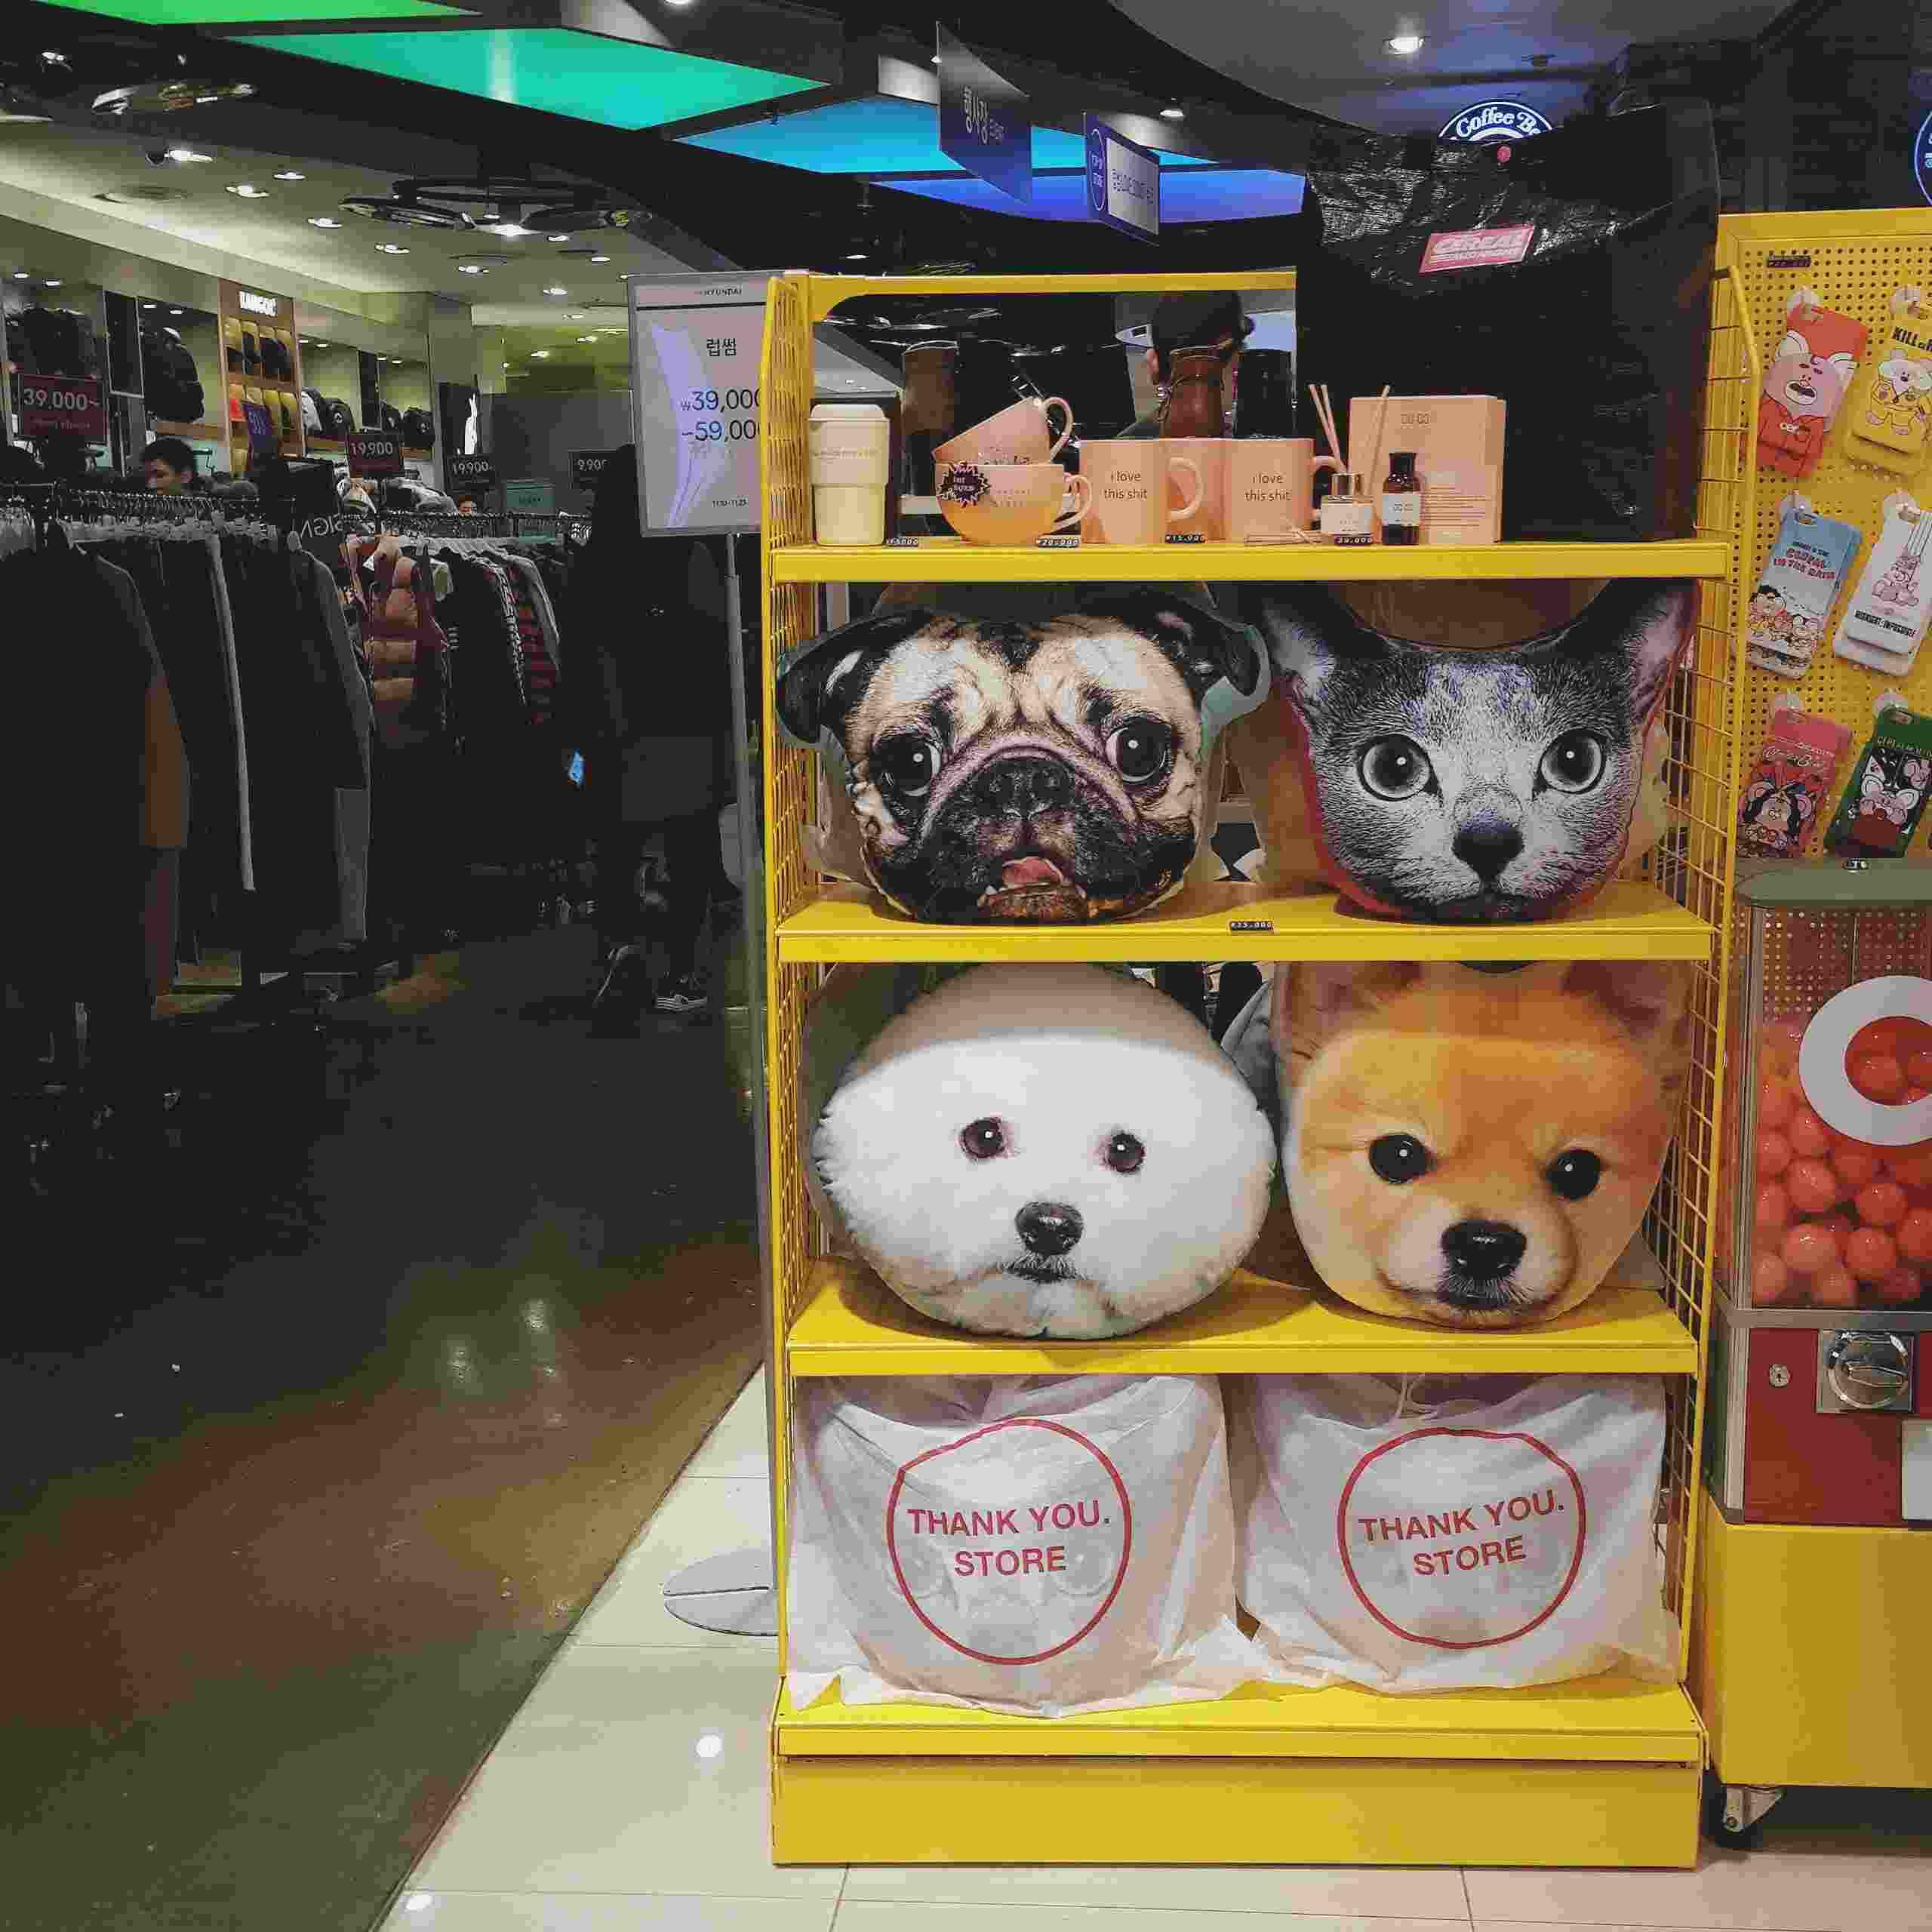 除了thankyou系列,這裏也有賣midnightinseoul的產品,如果大家行程安排上只能來新村,也不用怕錯過趙權店裏的商品喔!